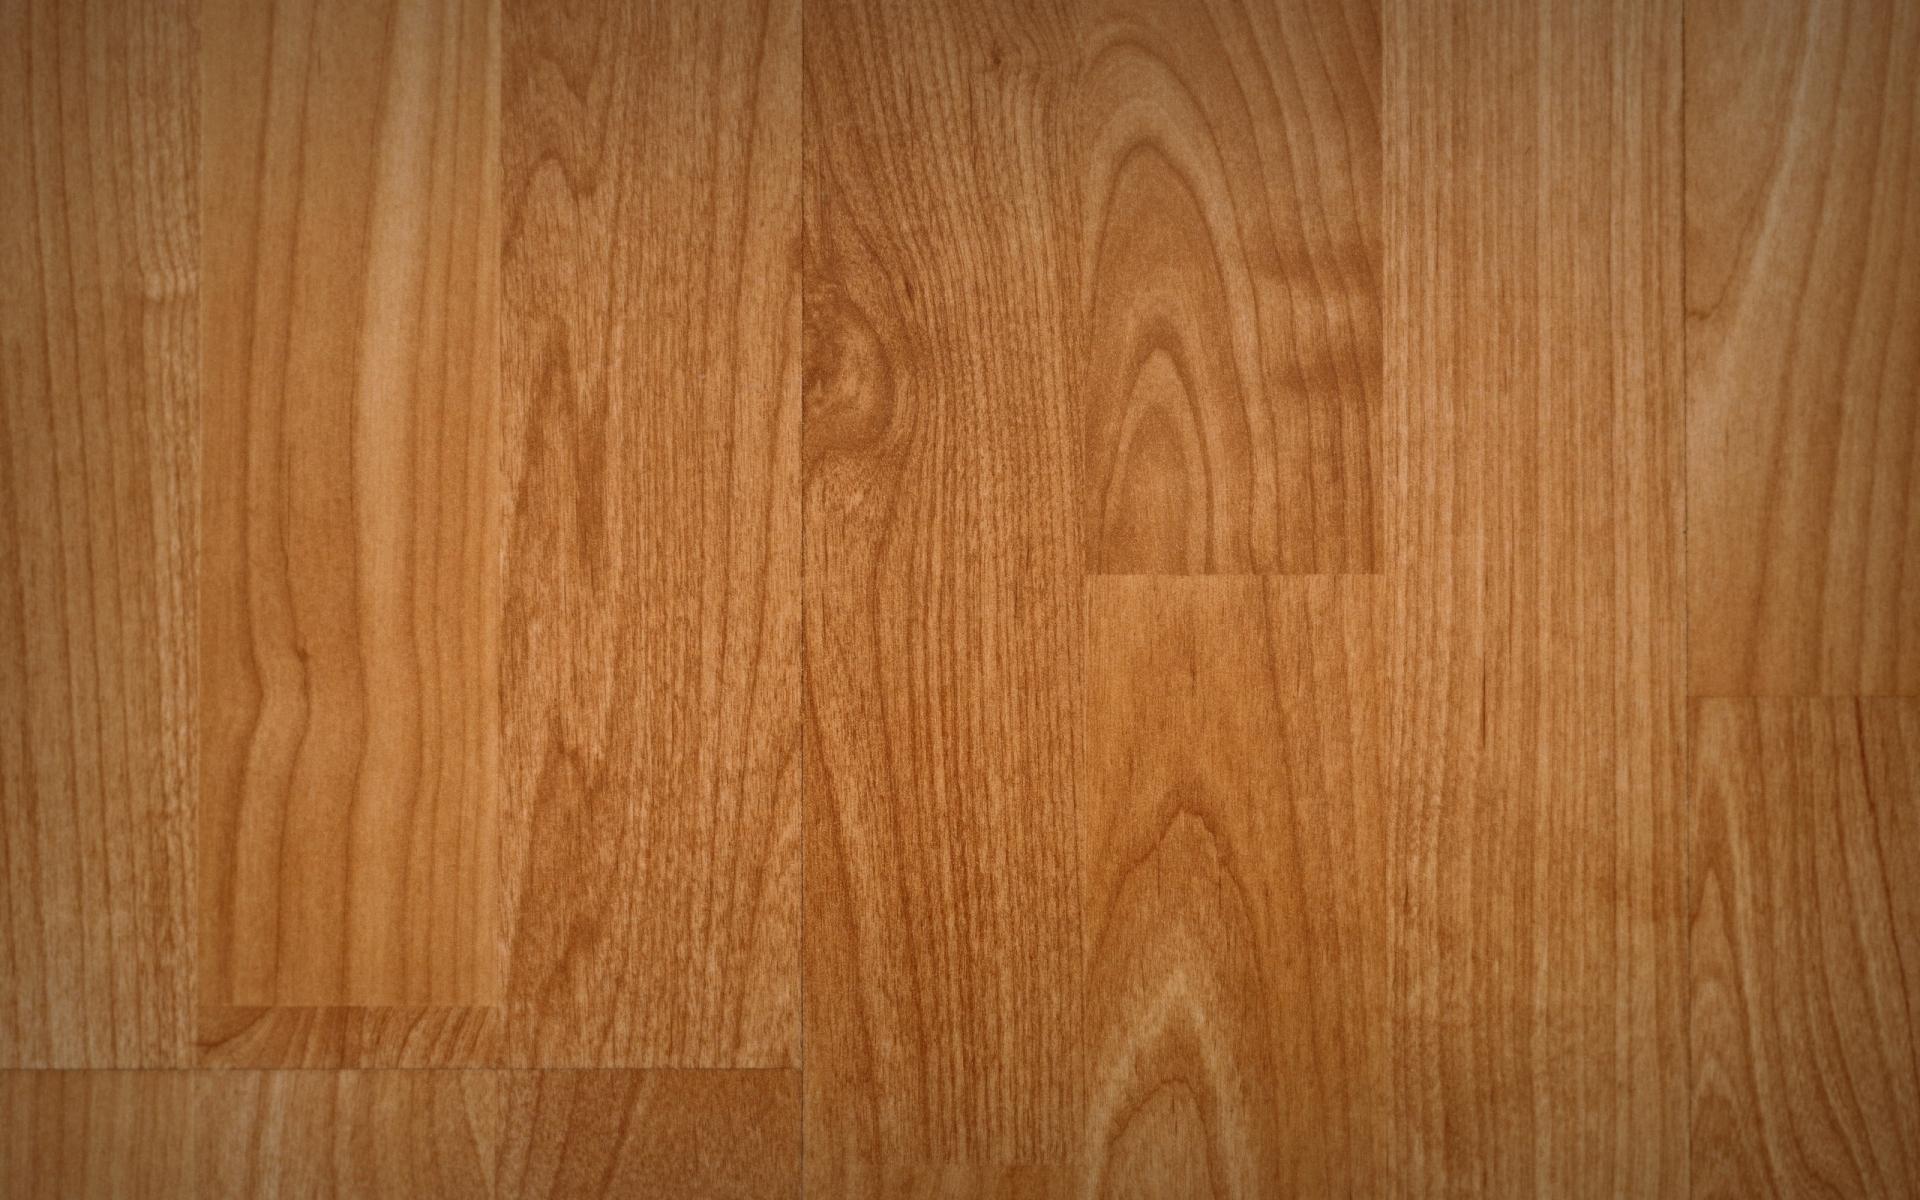 Textura de madera clara hd 1920x1200 imagenes - Suelos de madera clara ...